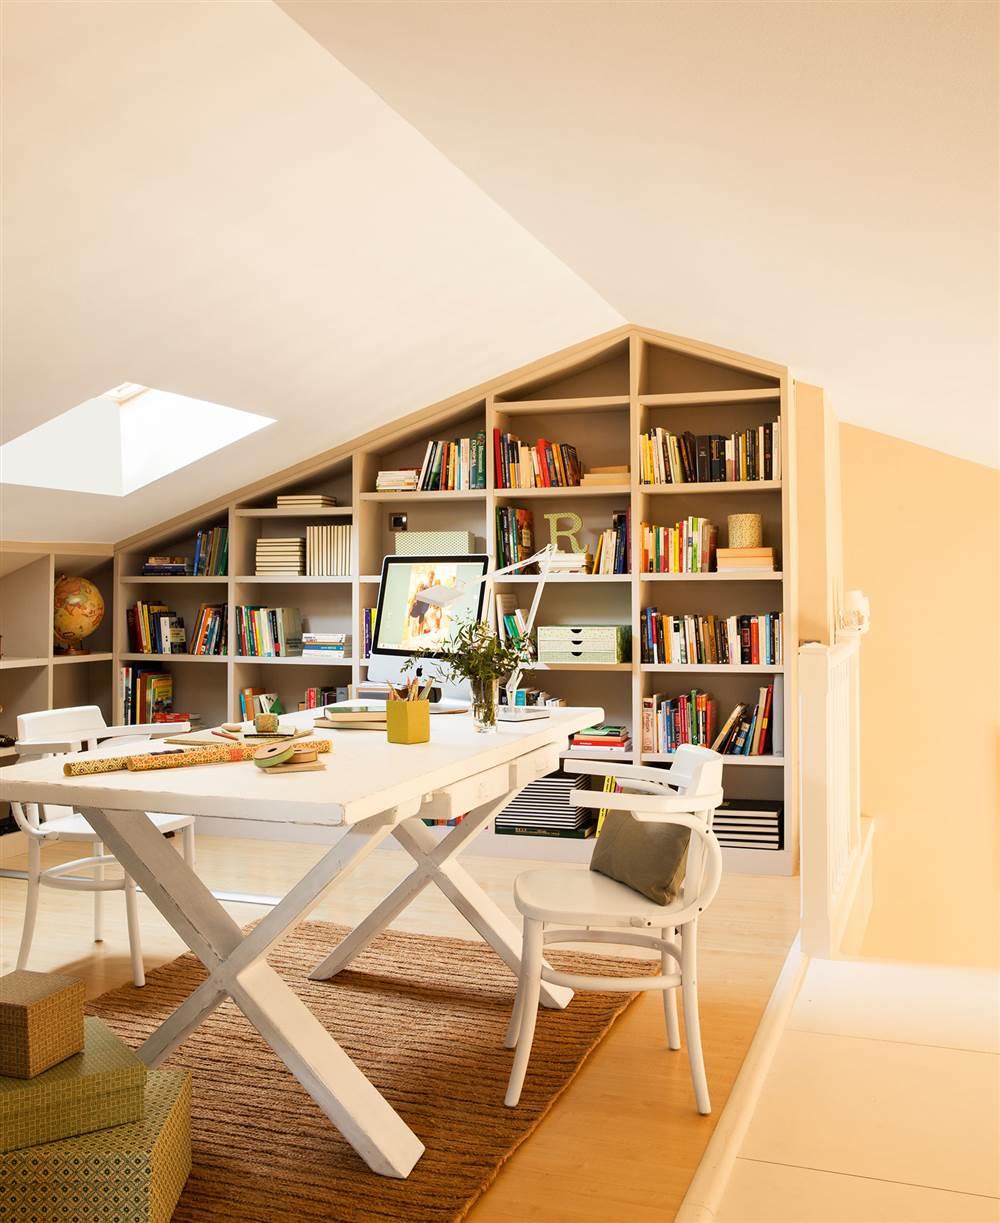 10 librer as pr cticas y decorativas para toda la casa - Casas con buhardilla ...